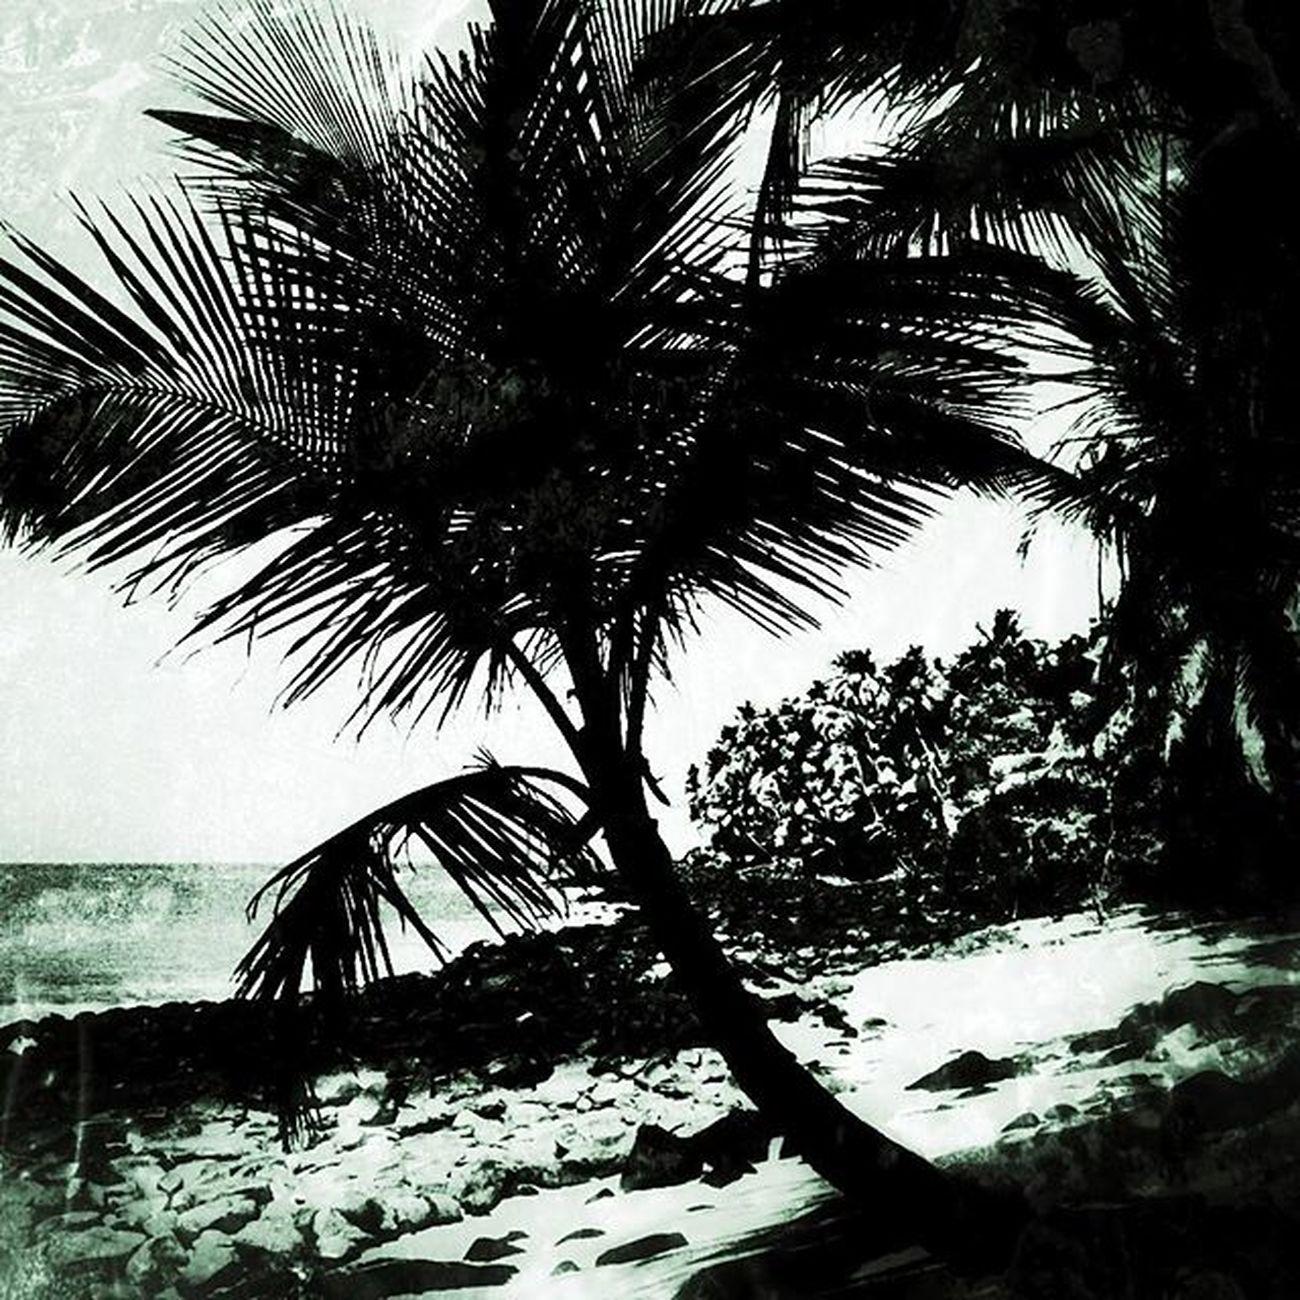 L'enfer vert 🌴🌴 Nikonfr Igersfrance Igersguyane Igersamazonia Amazonie Guyana Island Papillon Bagne Ilesdusalut Ig_worldclub Ig_europe Ig_great_pics IGDaily Igersoftheday Igaddict Super_france Jaimelafrance Topfrancephoto Bnw_society Bnw_life Bnw_captures Belambrawards Devilisland